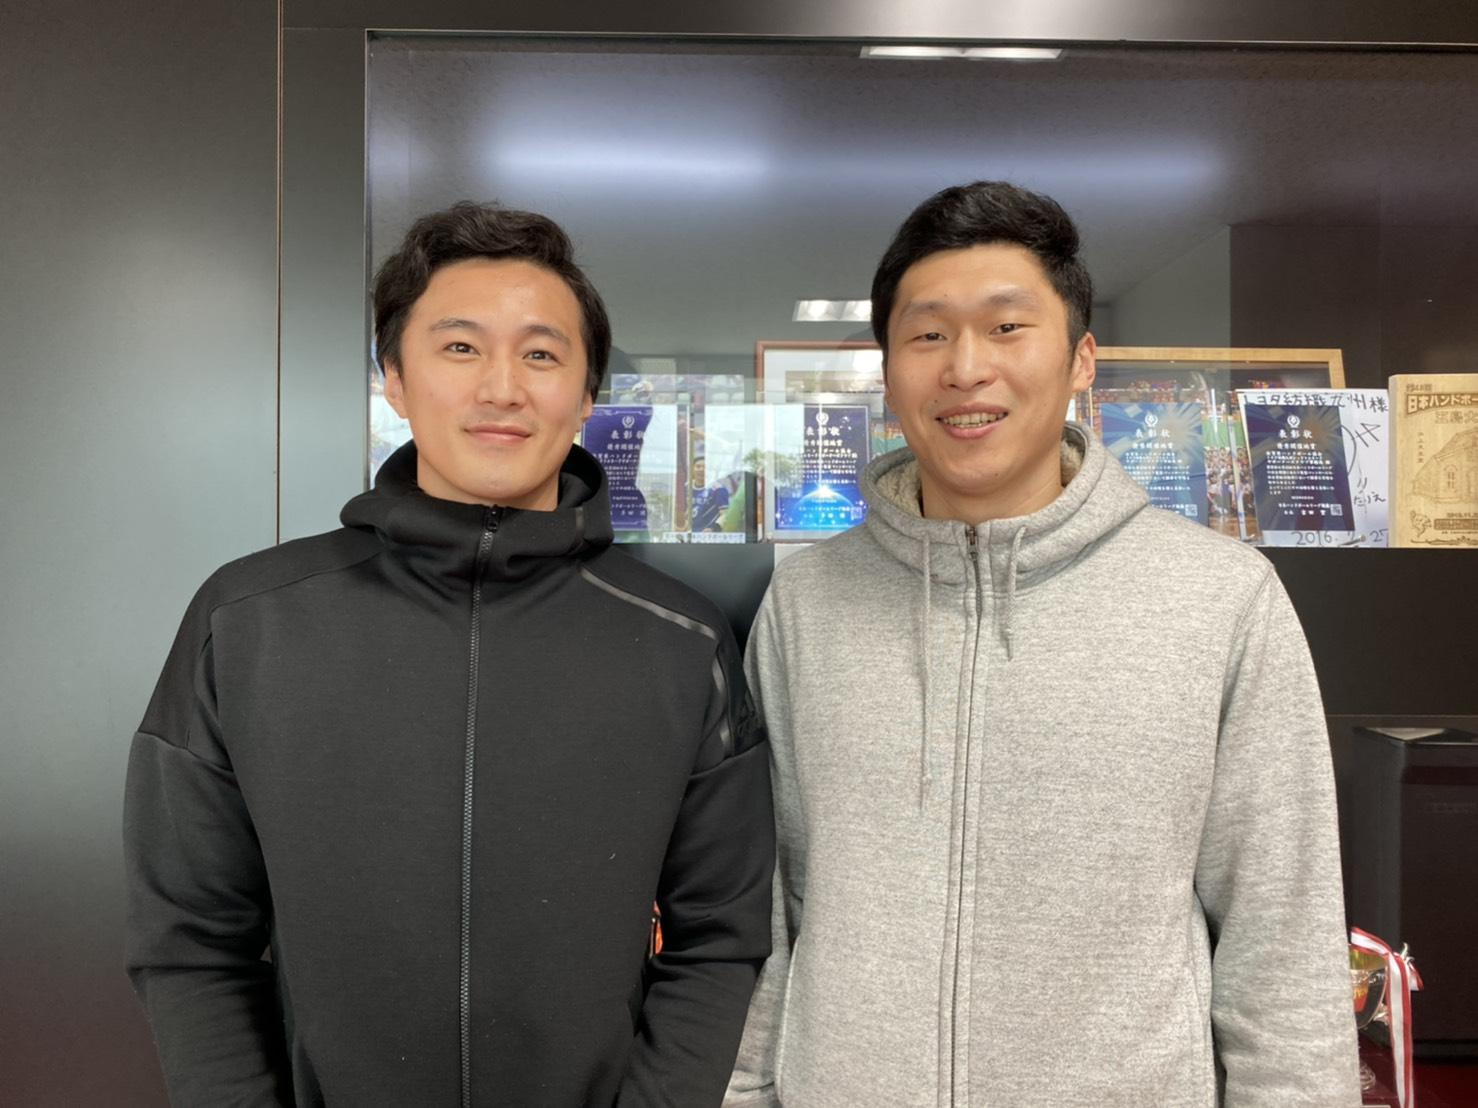 【チーム】朴、李選手が退団。パワフルなプレーとタフな精神力でチームをけん引(3月8日)